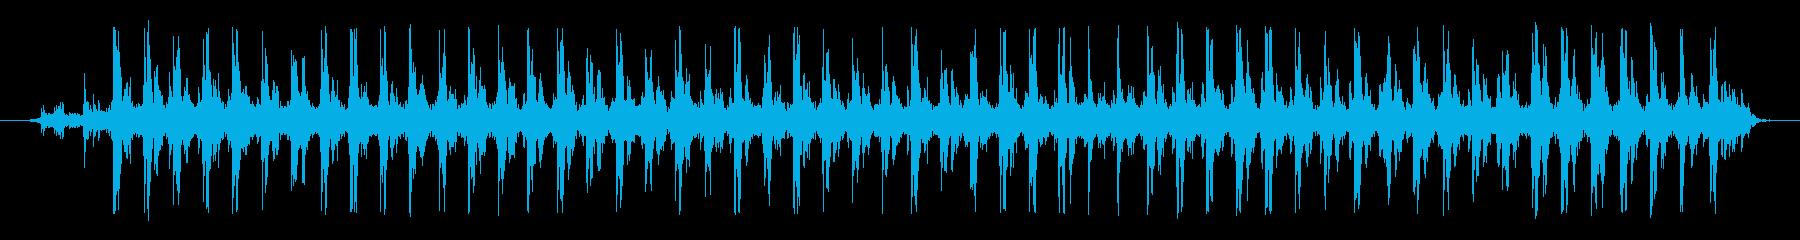 ミシン 01の再生済みの波形